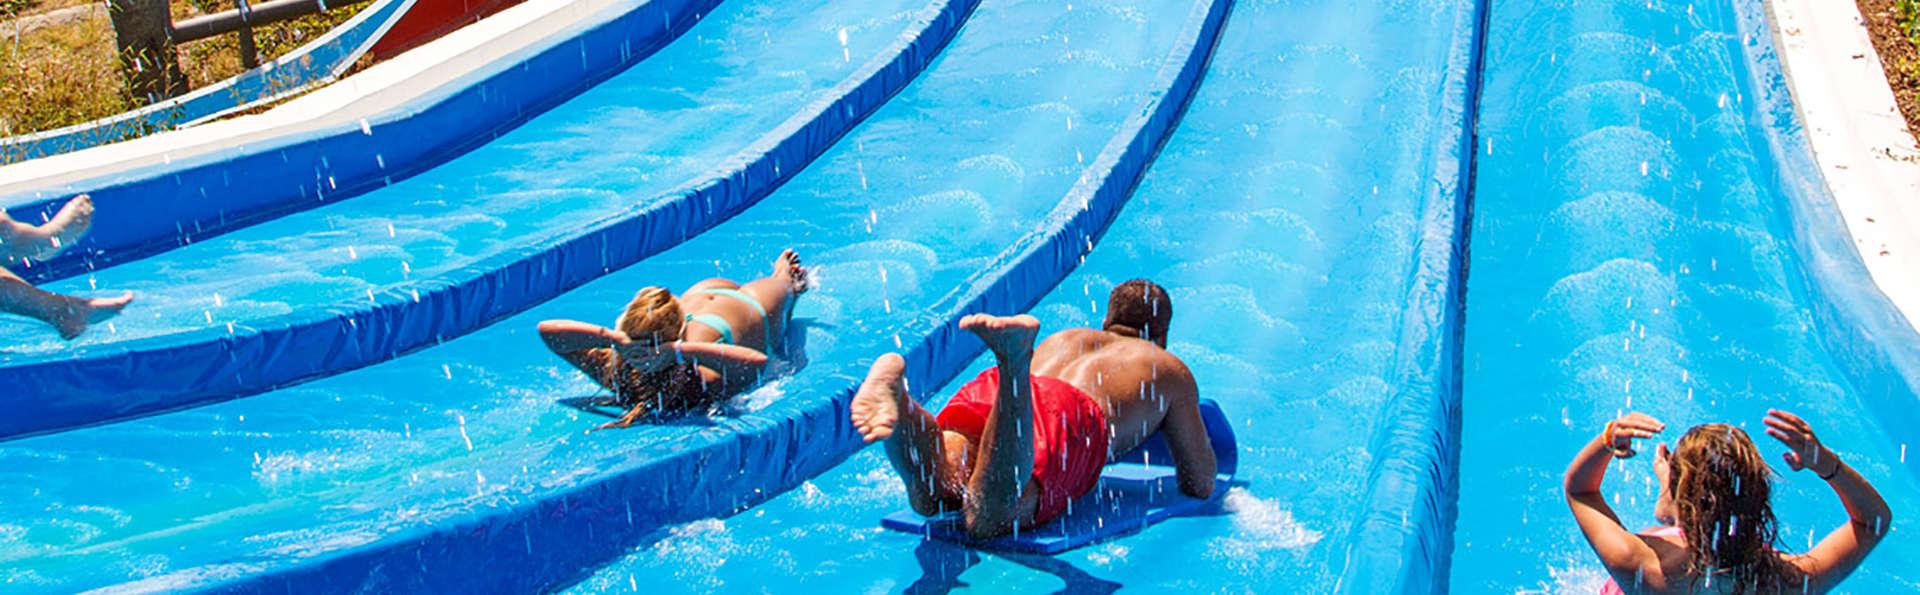 parc aquatique marbella